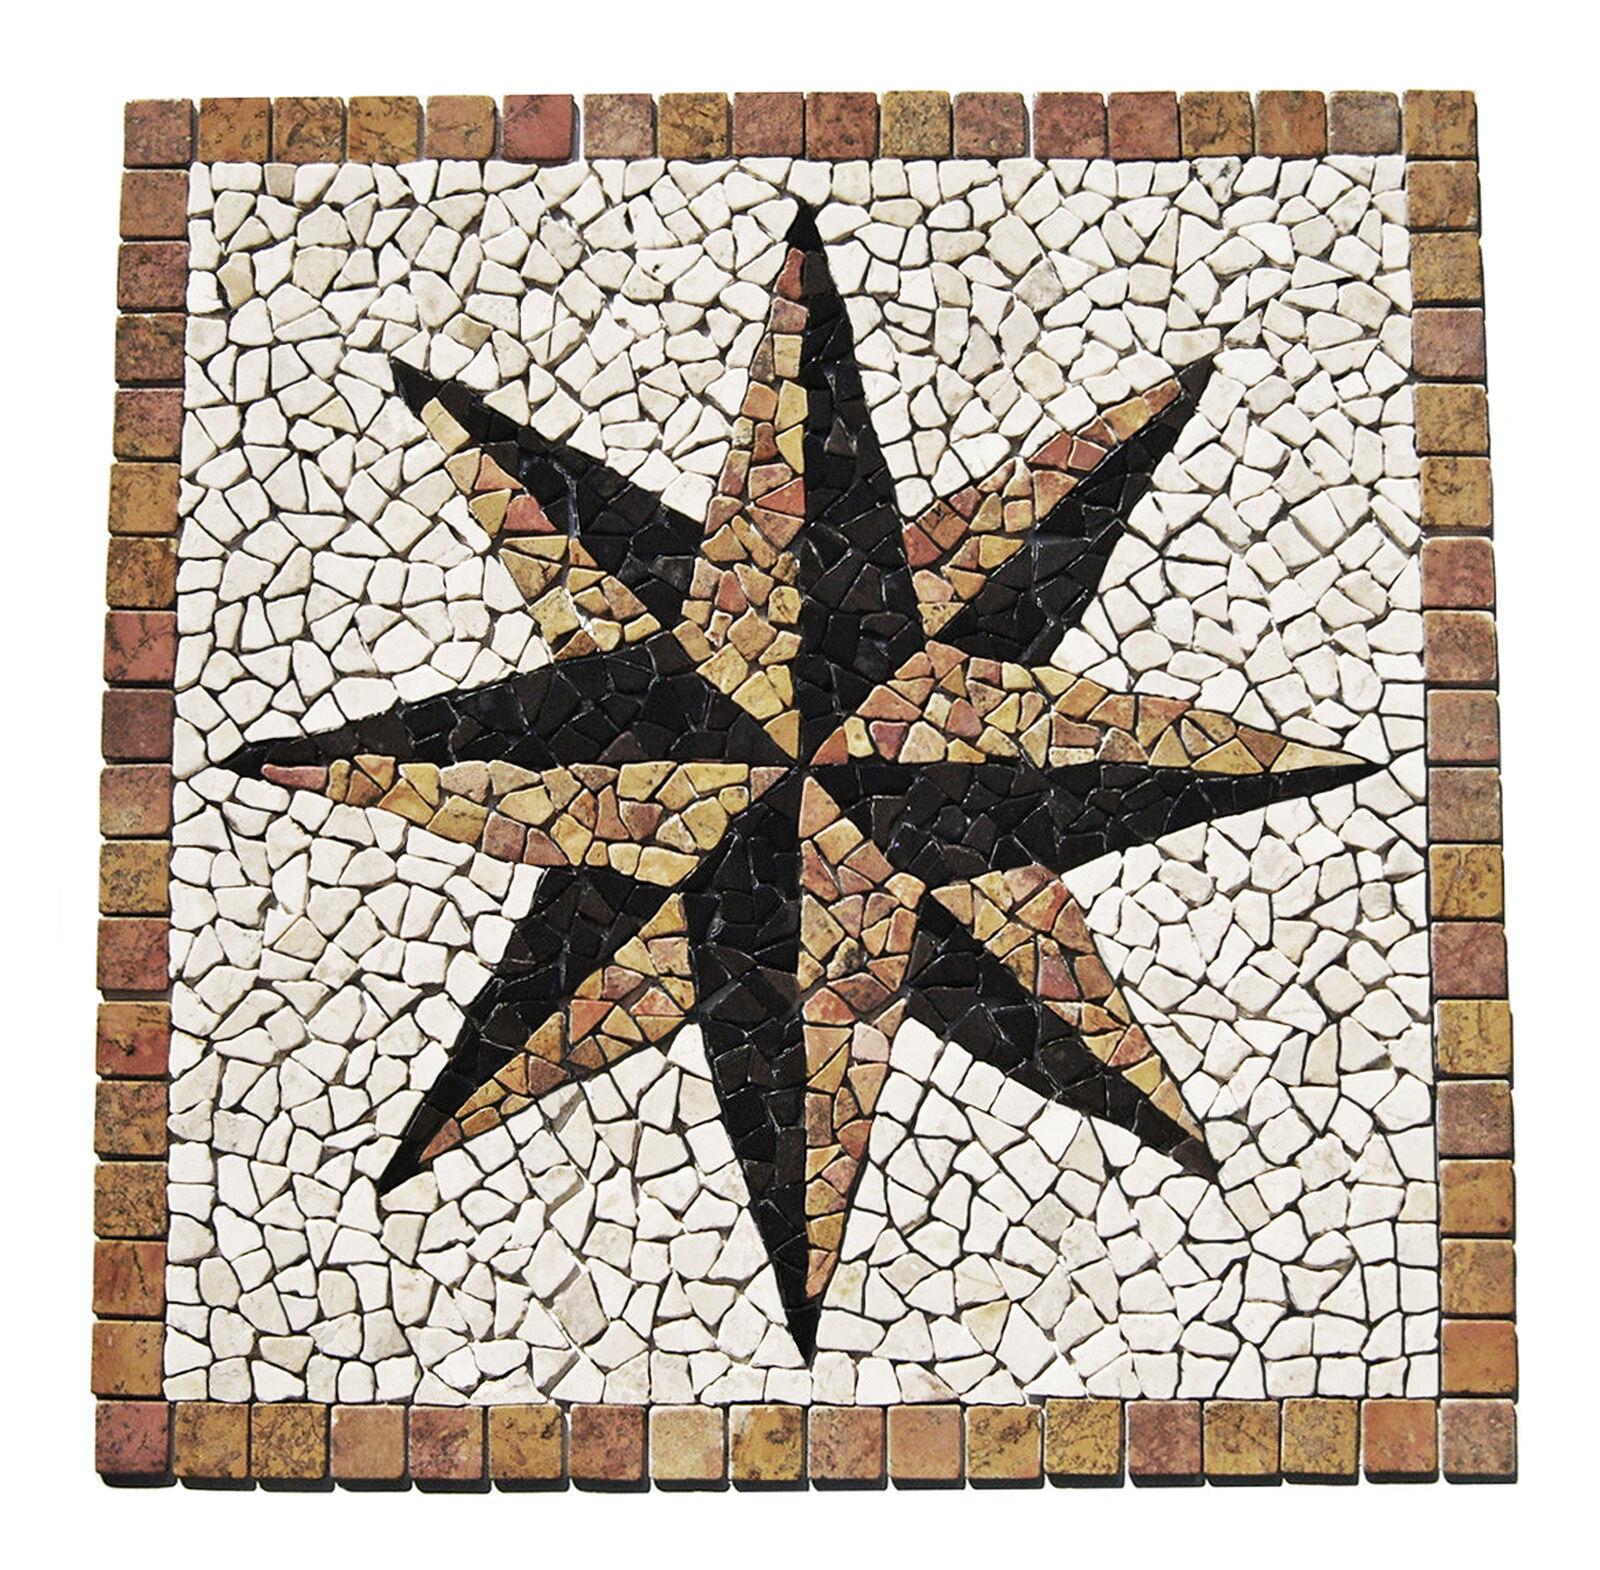 1 Marmor Einleger RO-006 - 90x90x1cm - Mosaik Rosone - Fliesen Lager Herne NRW -